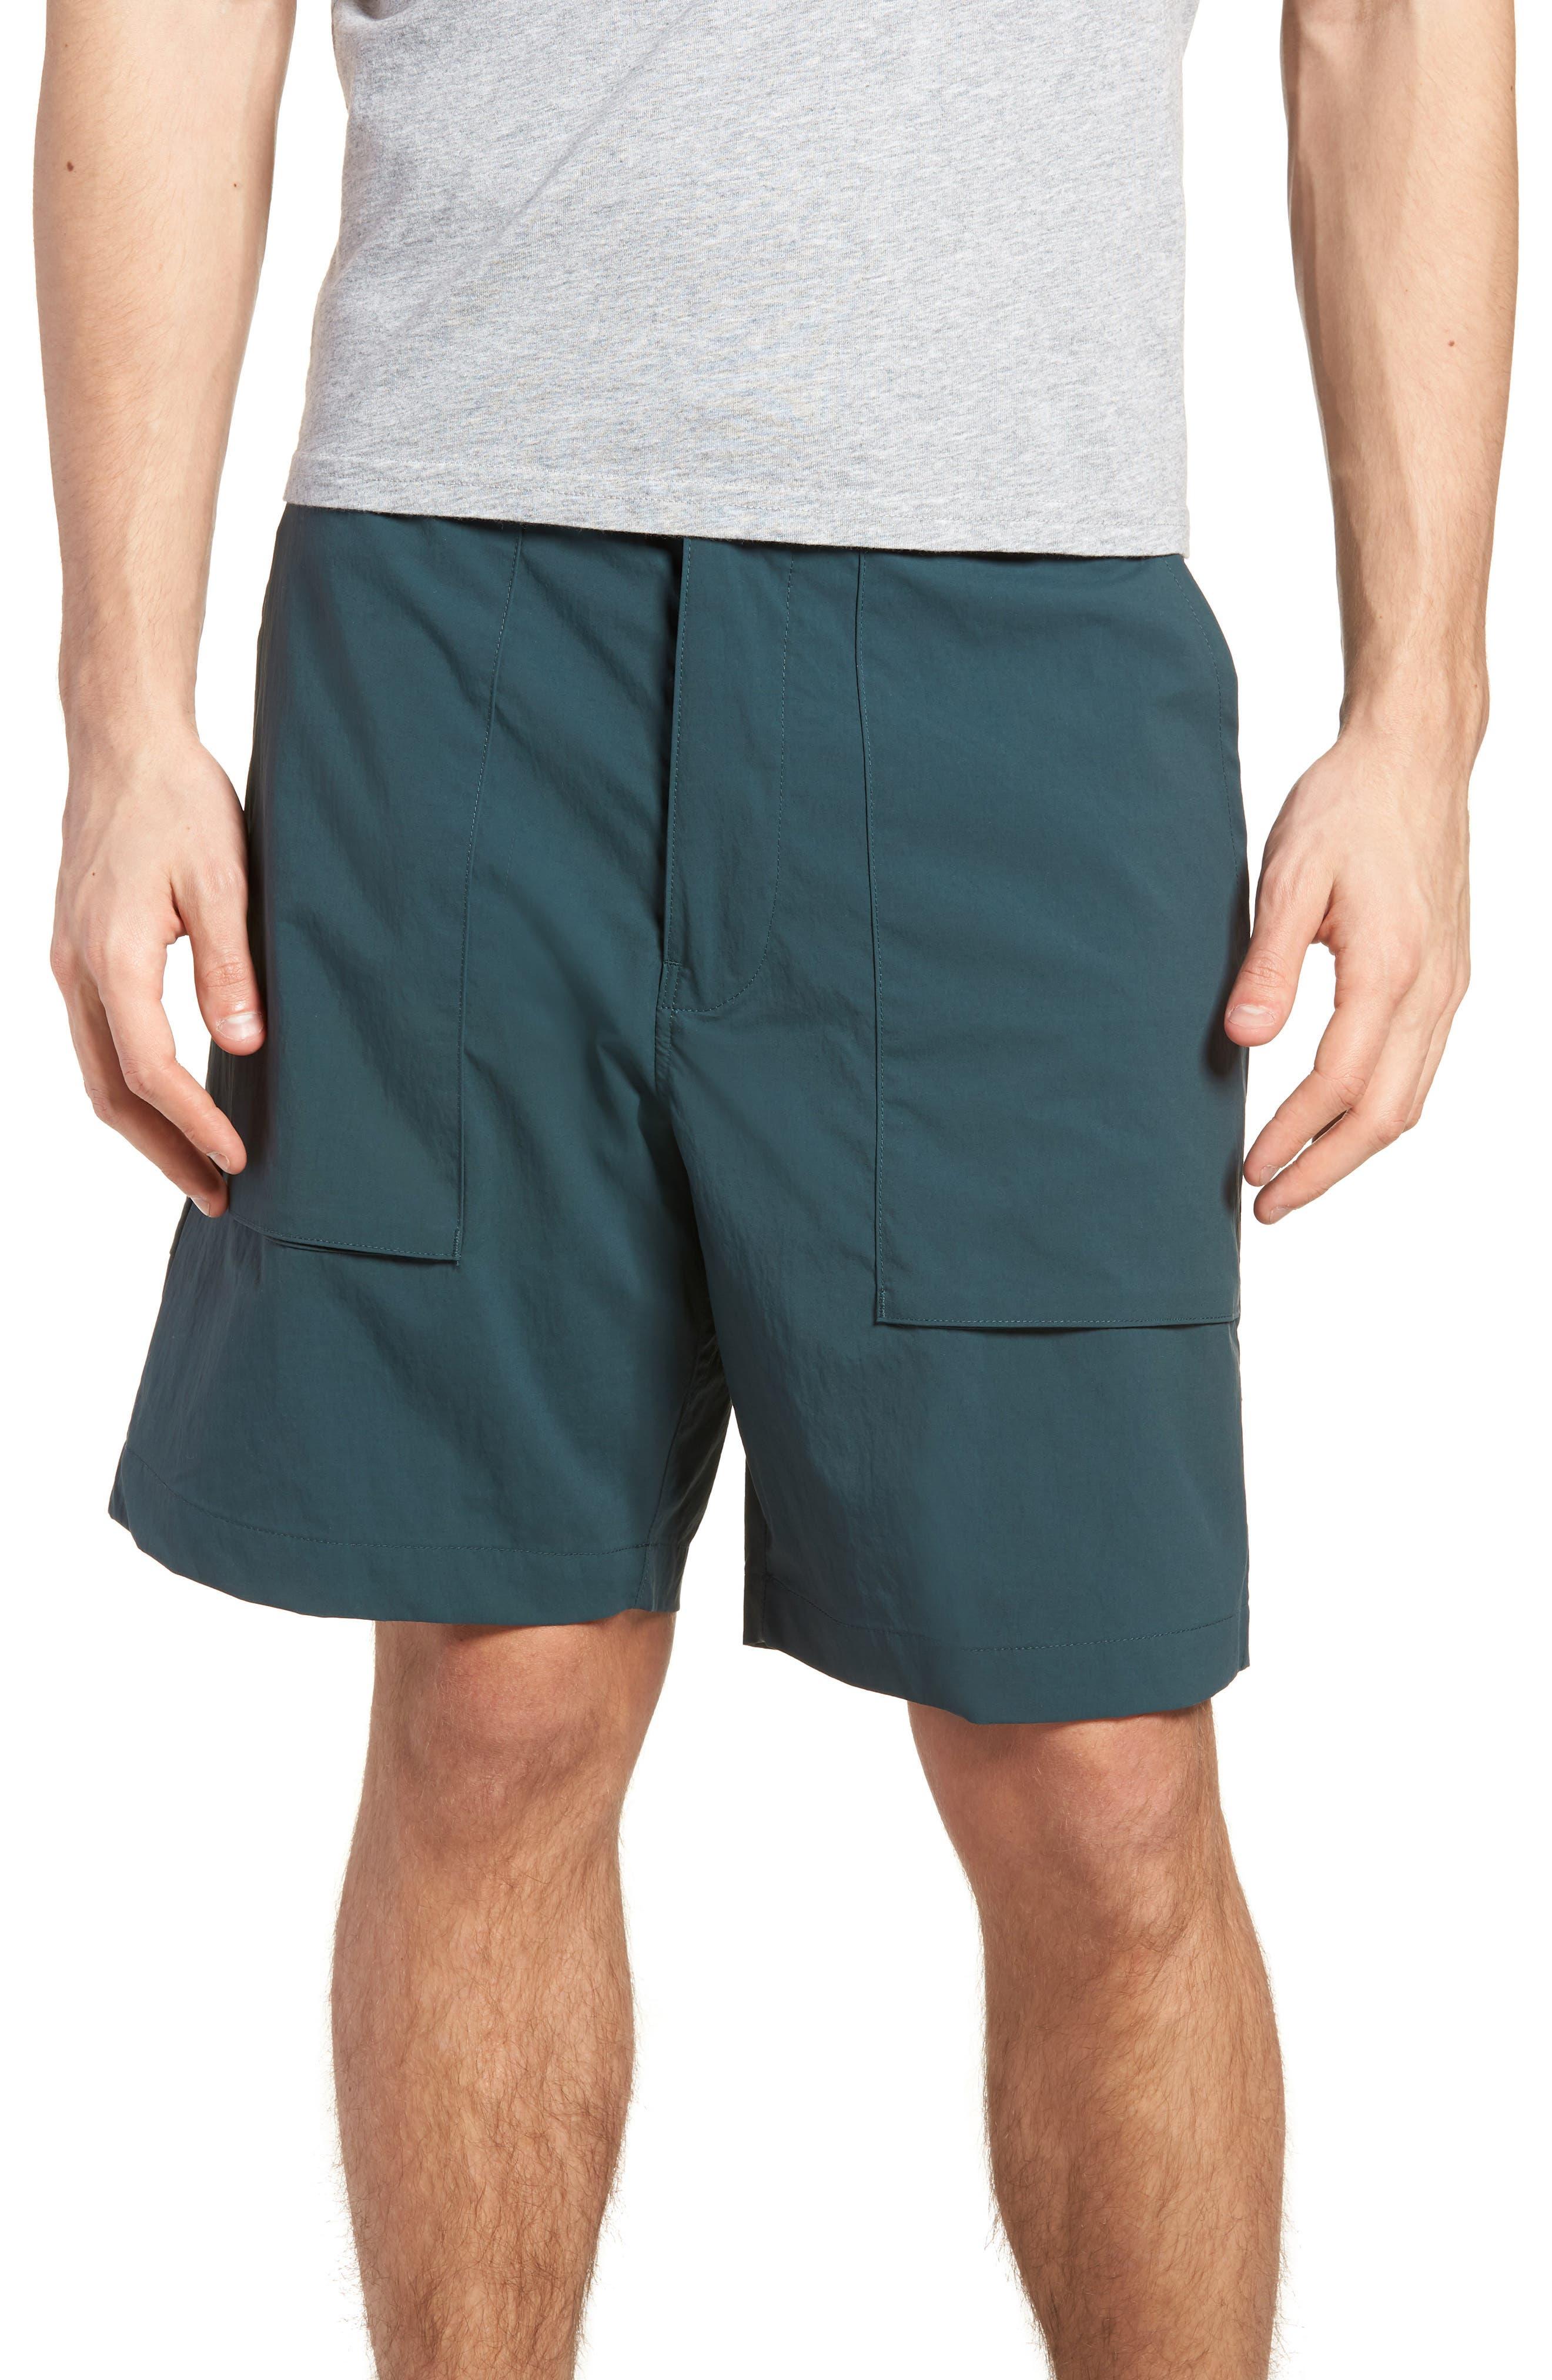 SB Flex Everett Shorts,                         Main,                         color, DEEP JUNGLE/ BLACK